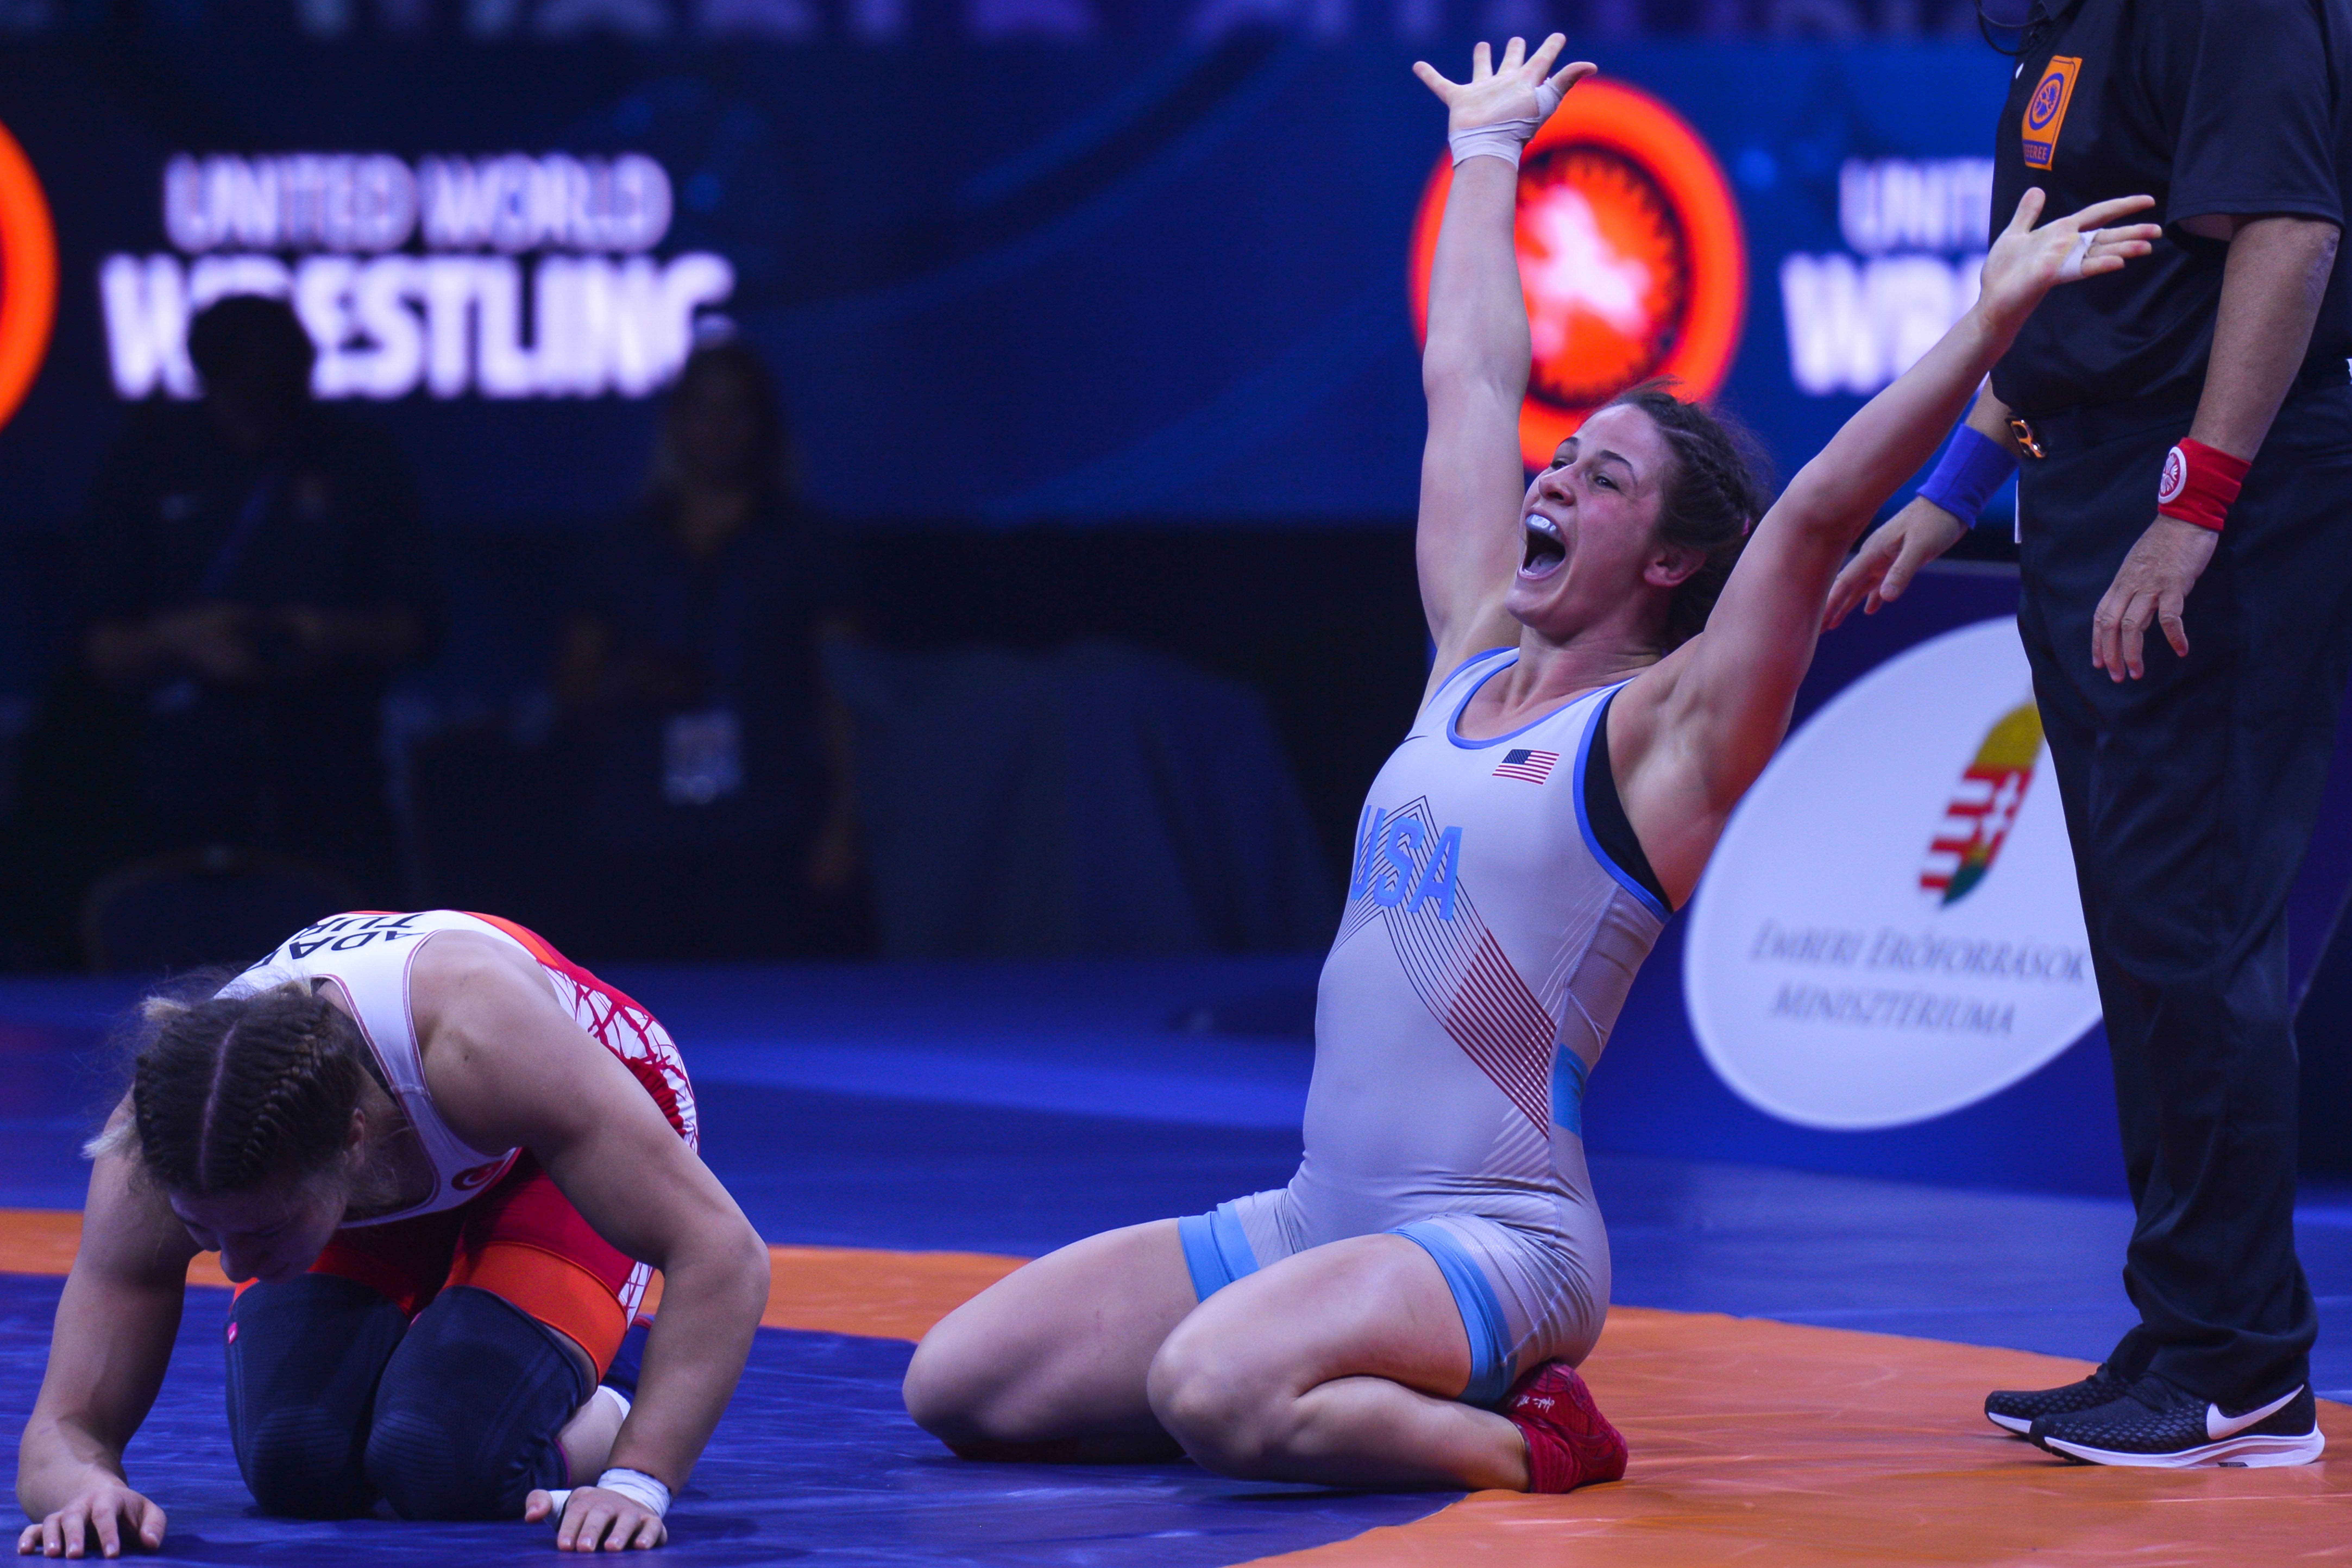 Adeline Gray, right, celebrates a world champion win in 2018. Photo: Artur Widak/NurPhoto via Getty Images